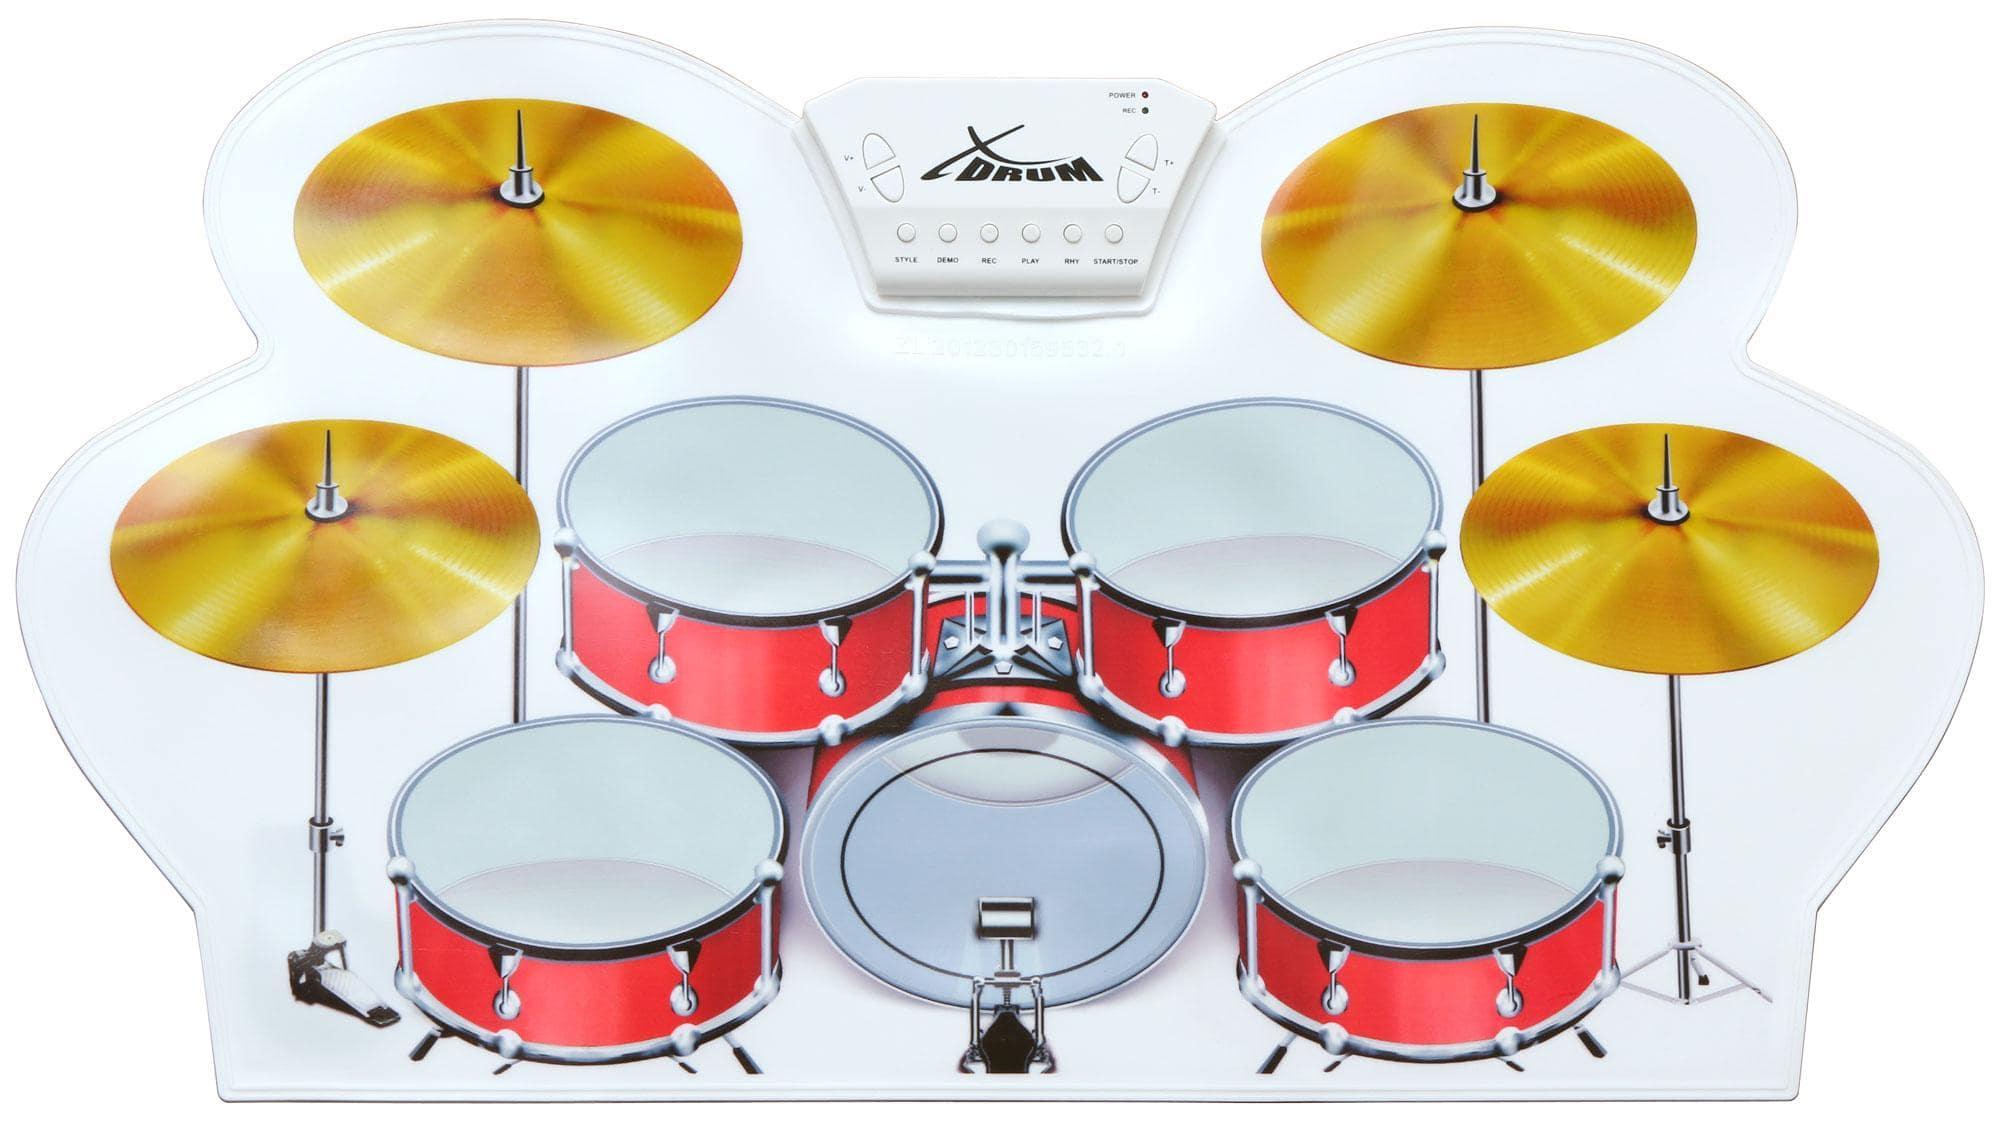 XDrum DM 1 Nano Drum Pad